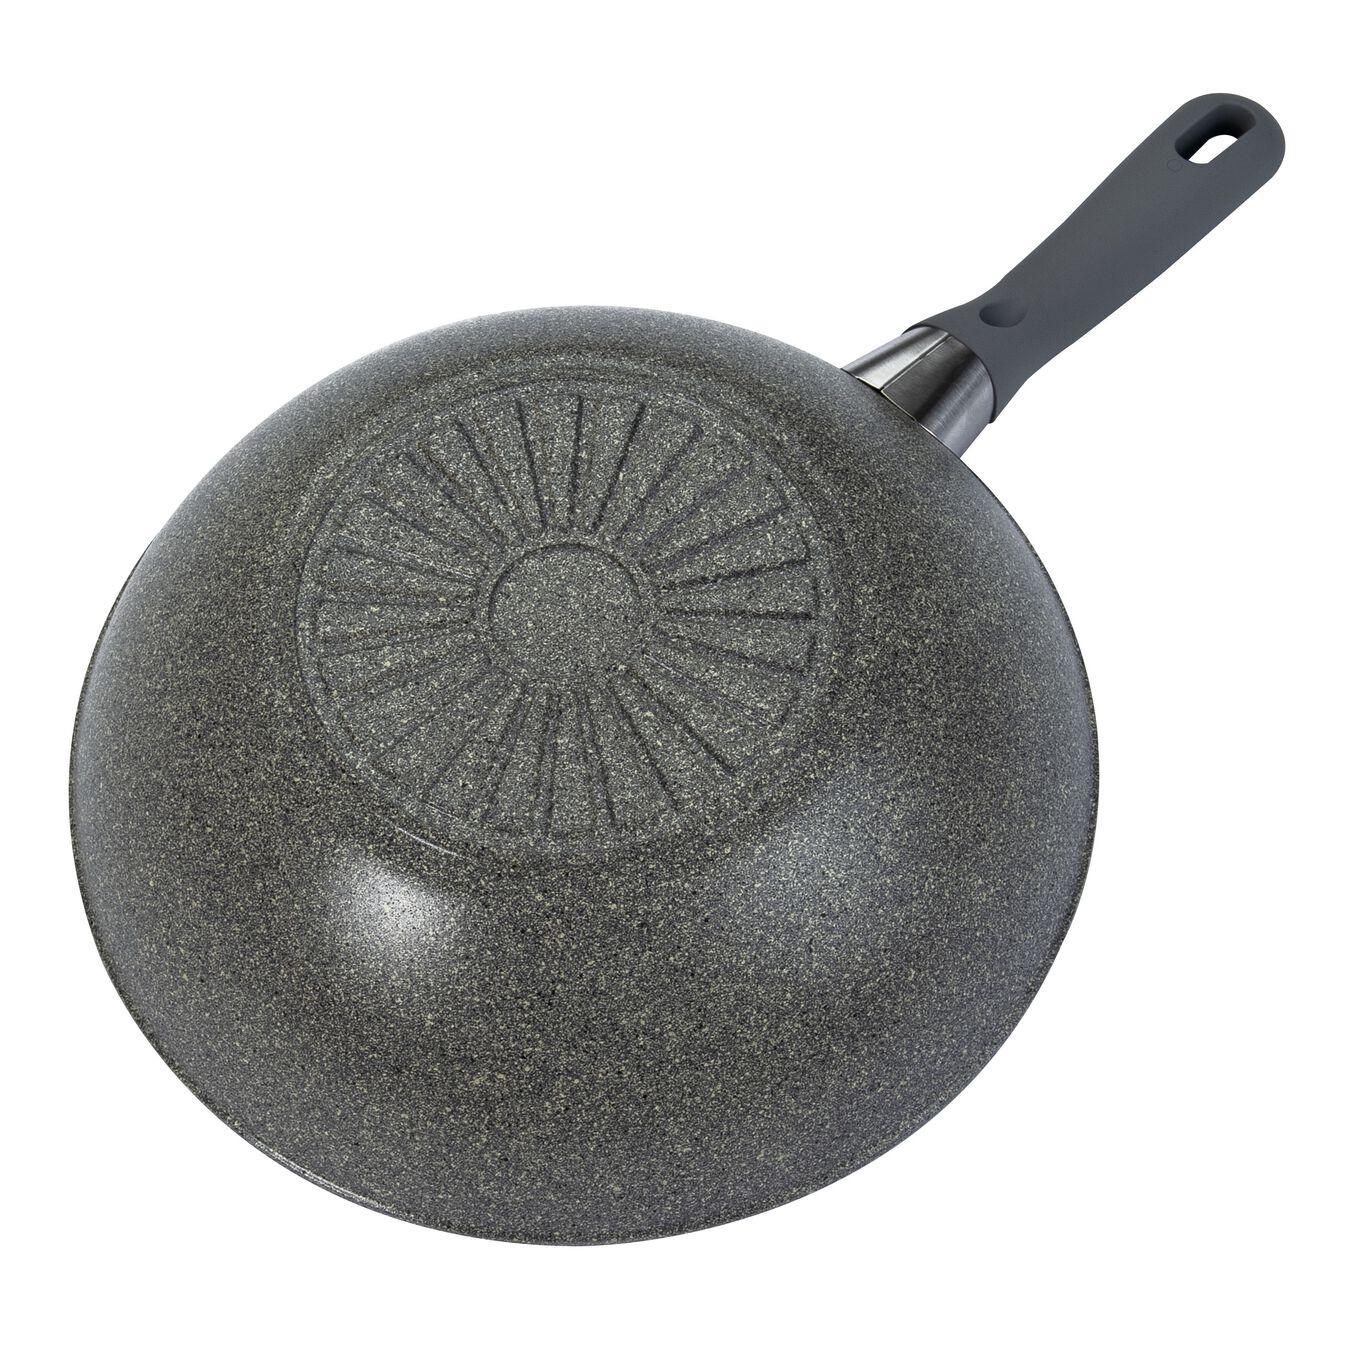 Wok - 30 cm, alluminio, Granitium Extreme,,large 2